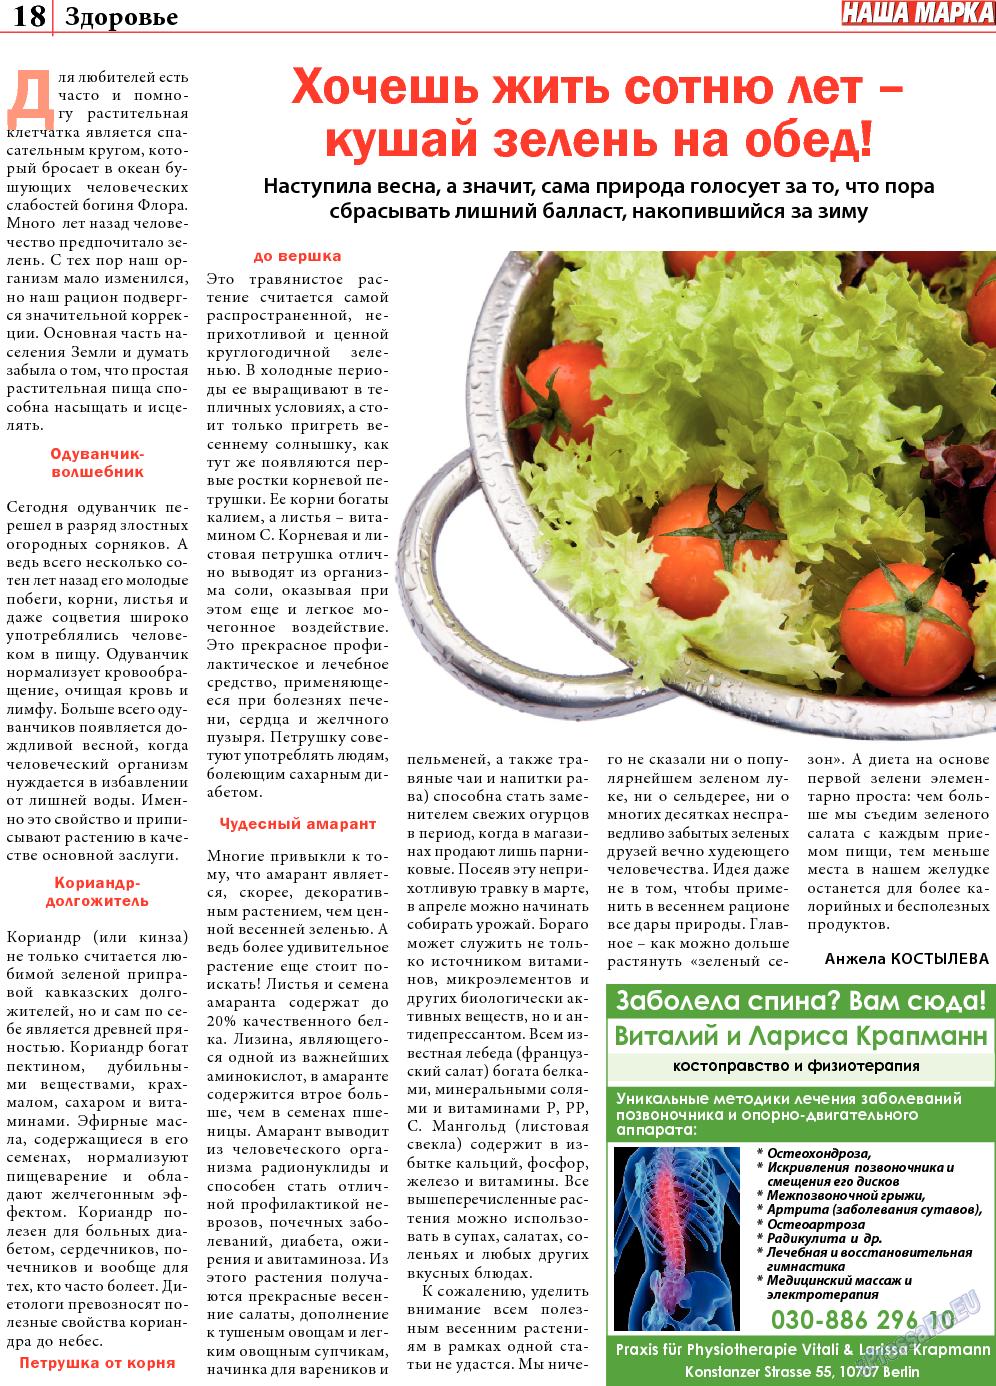 Наша марка (газета). 2013 год, номер 5, стр. 18